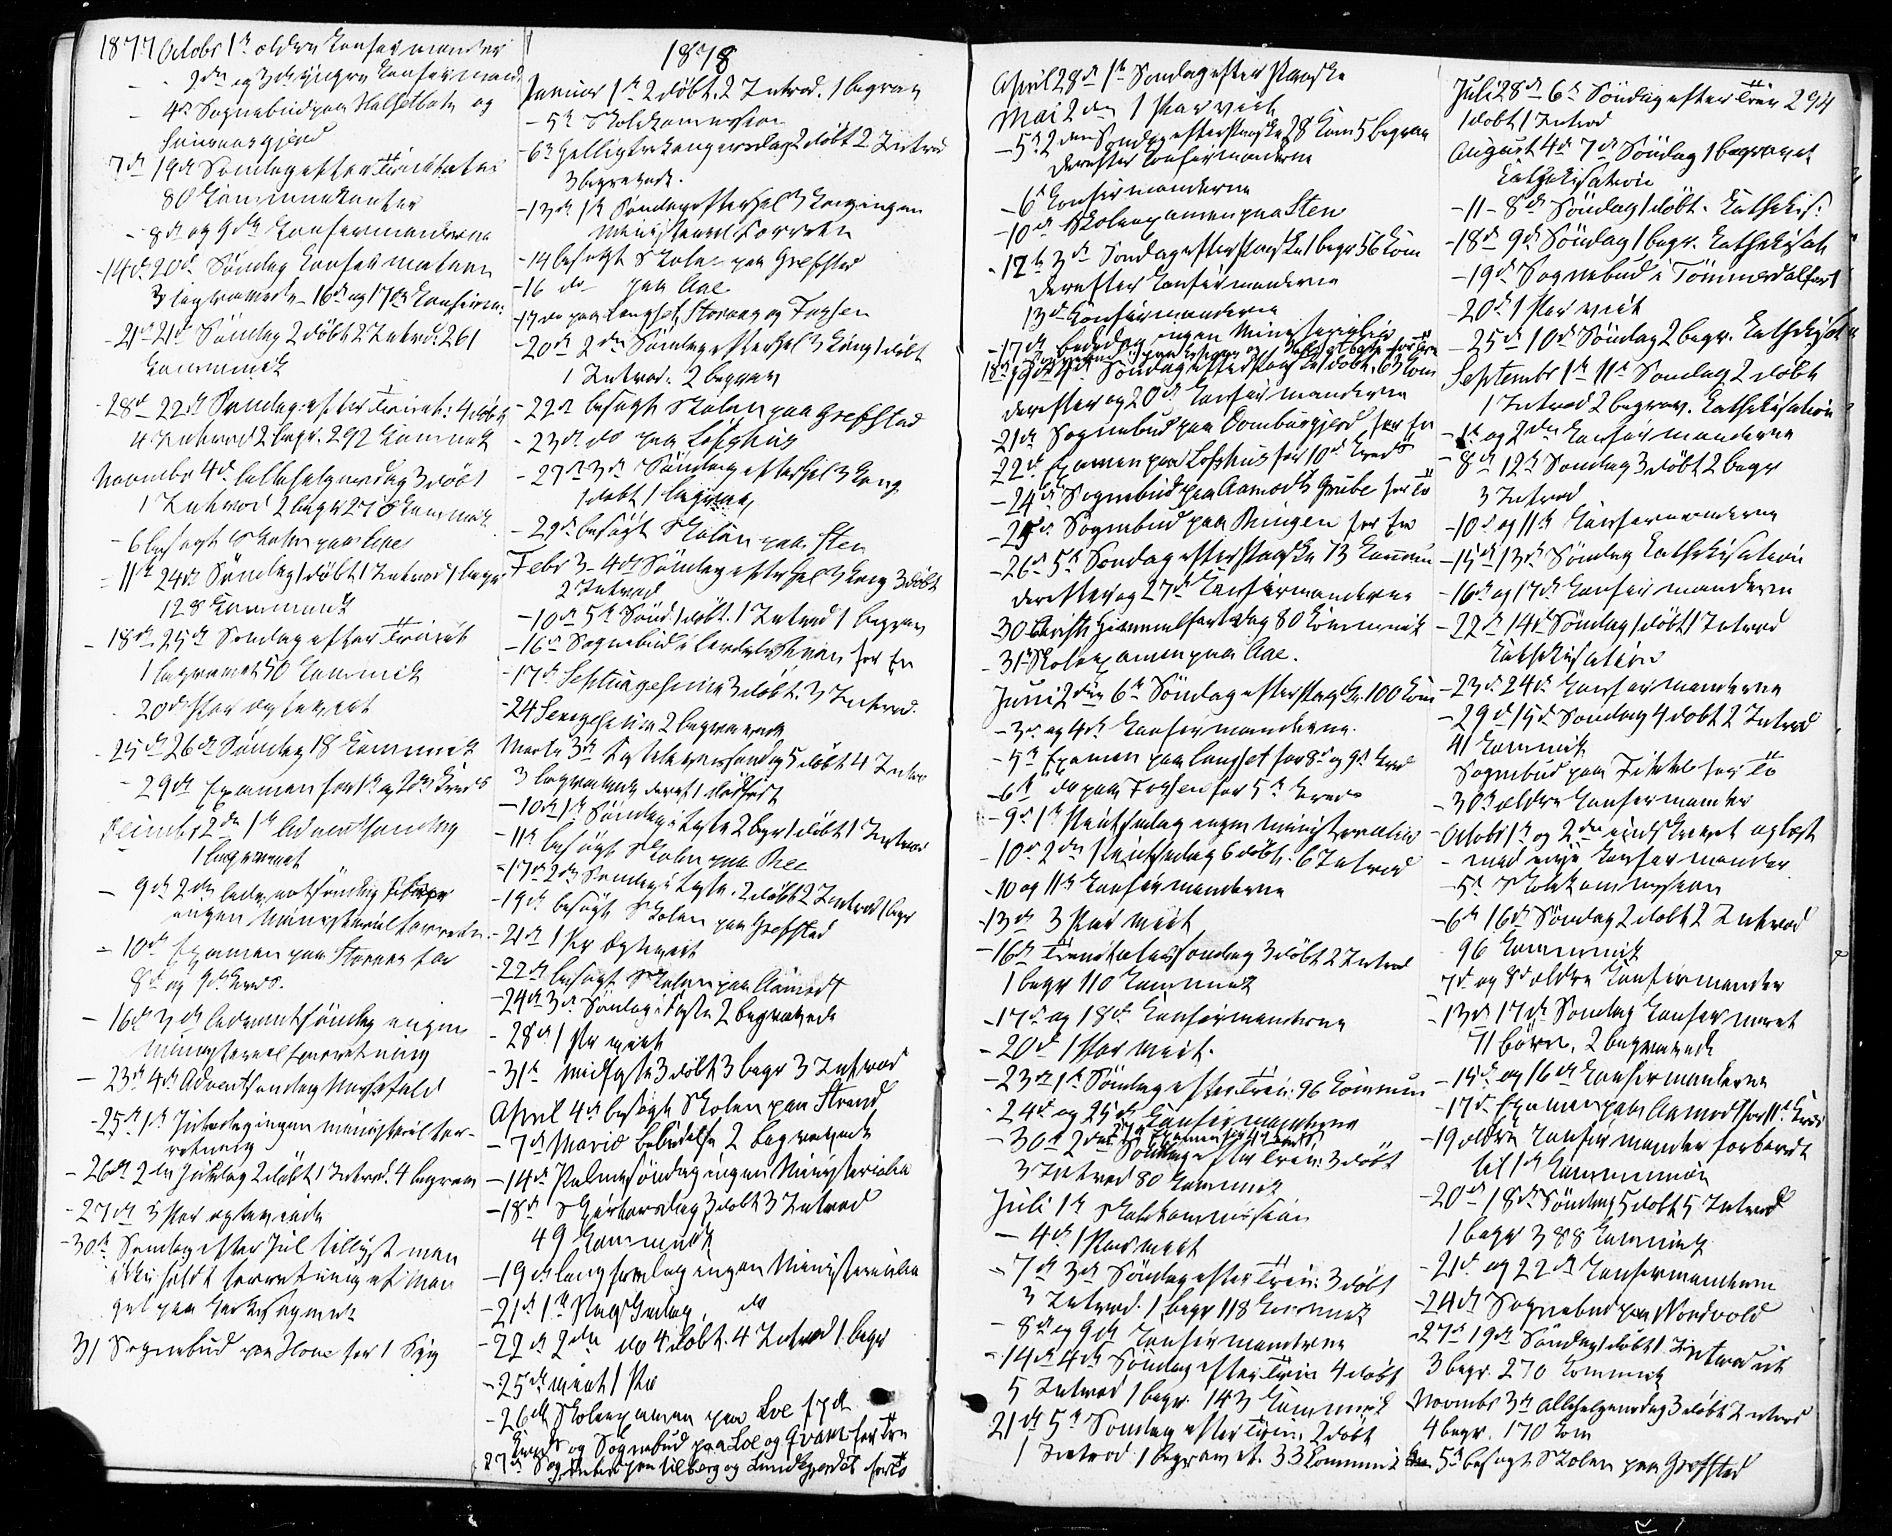 SAT, Ministerialprotokoller, klokkerbøker og fødselsregistre - Sør-Trøndelag, 672/L0856: Ministerialbok nr. 672A08, 1861-1881, s. 294